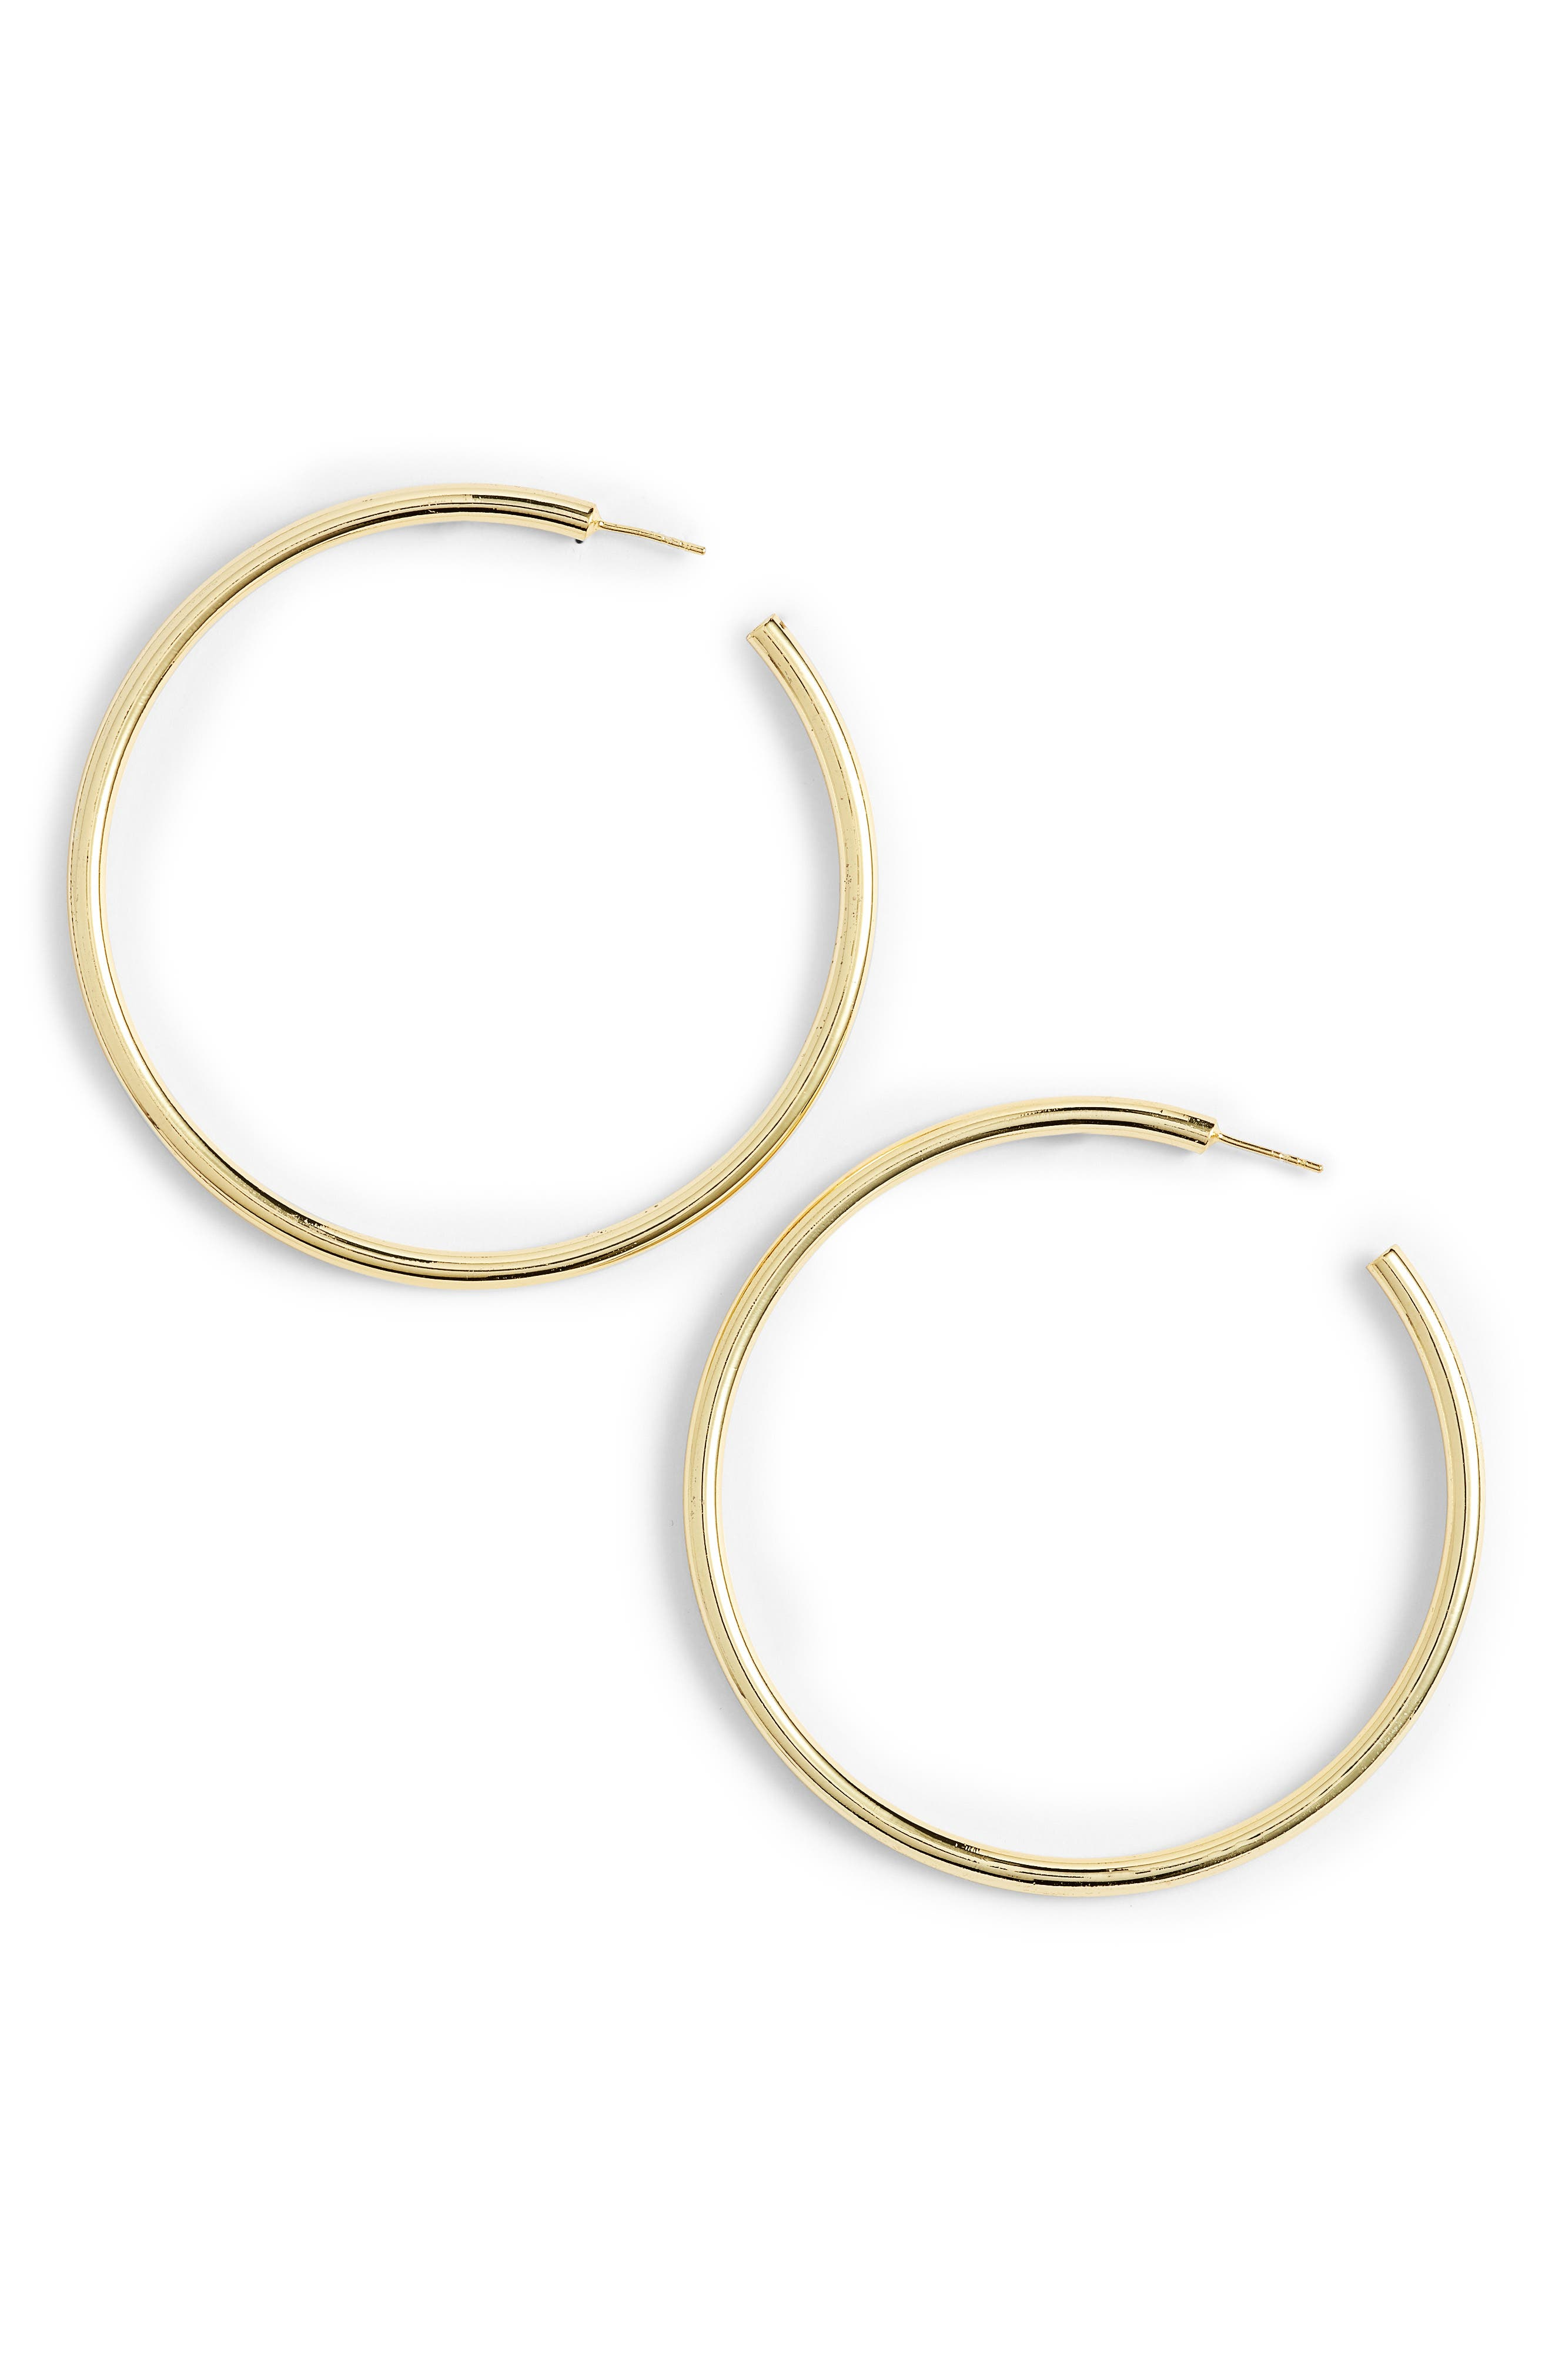 Large Hoop Earrings,                         Main,                         color, Gold